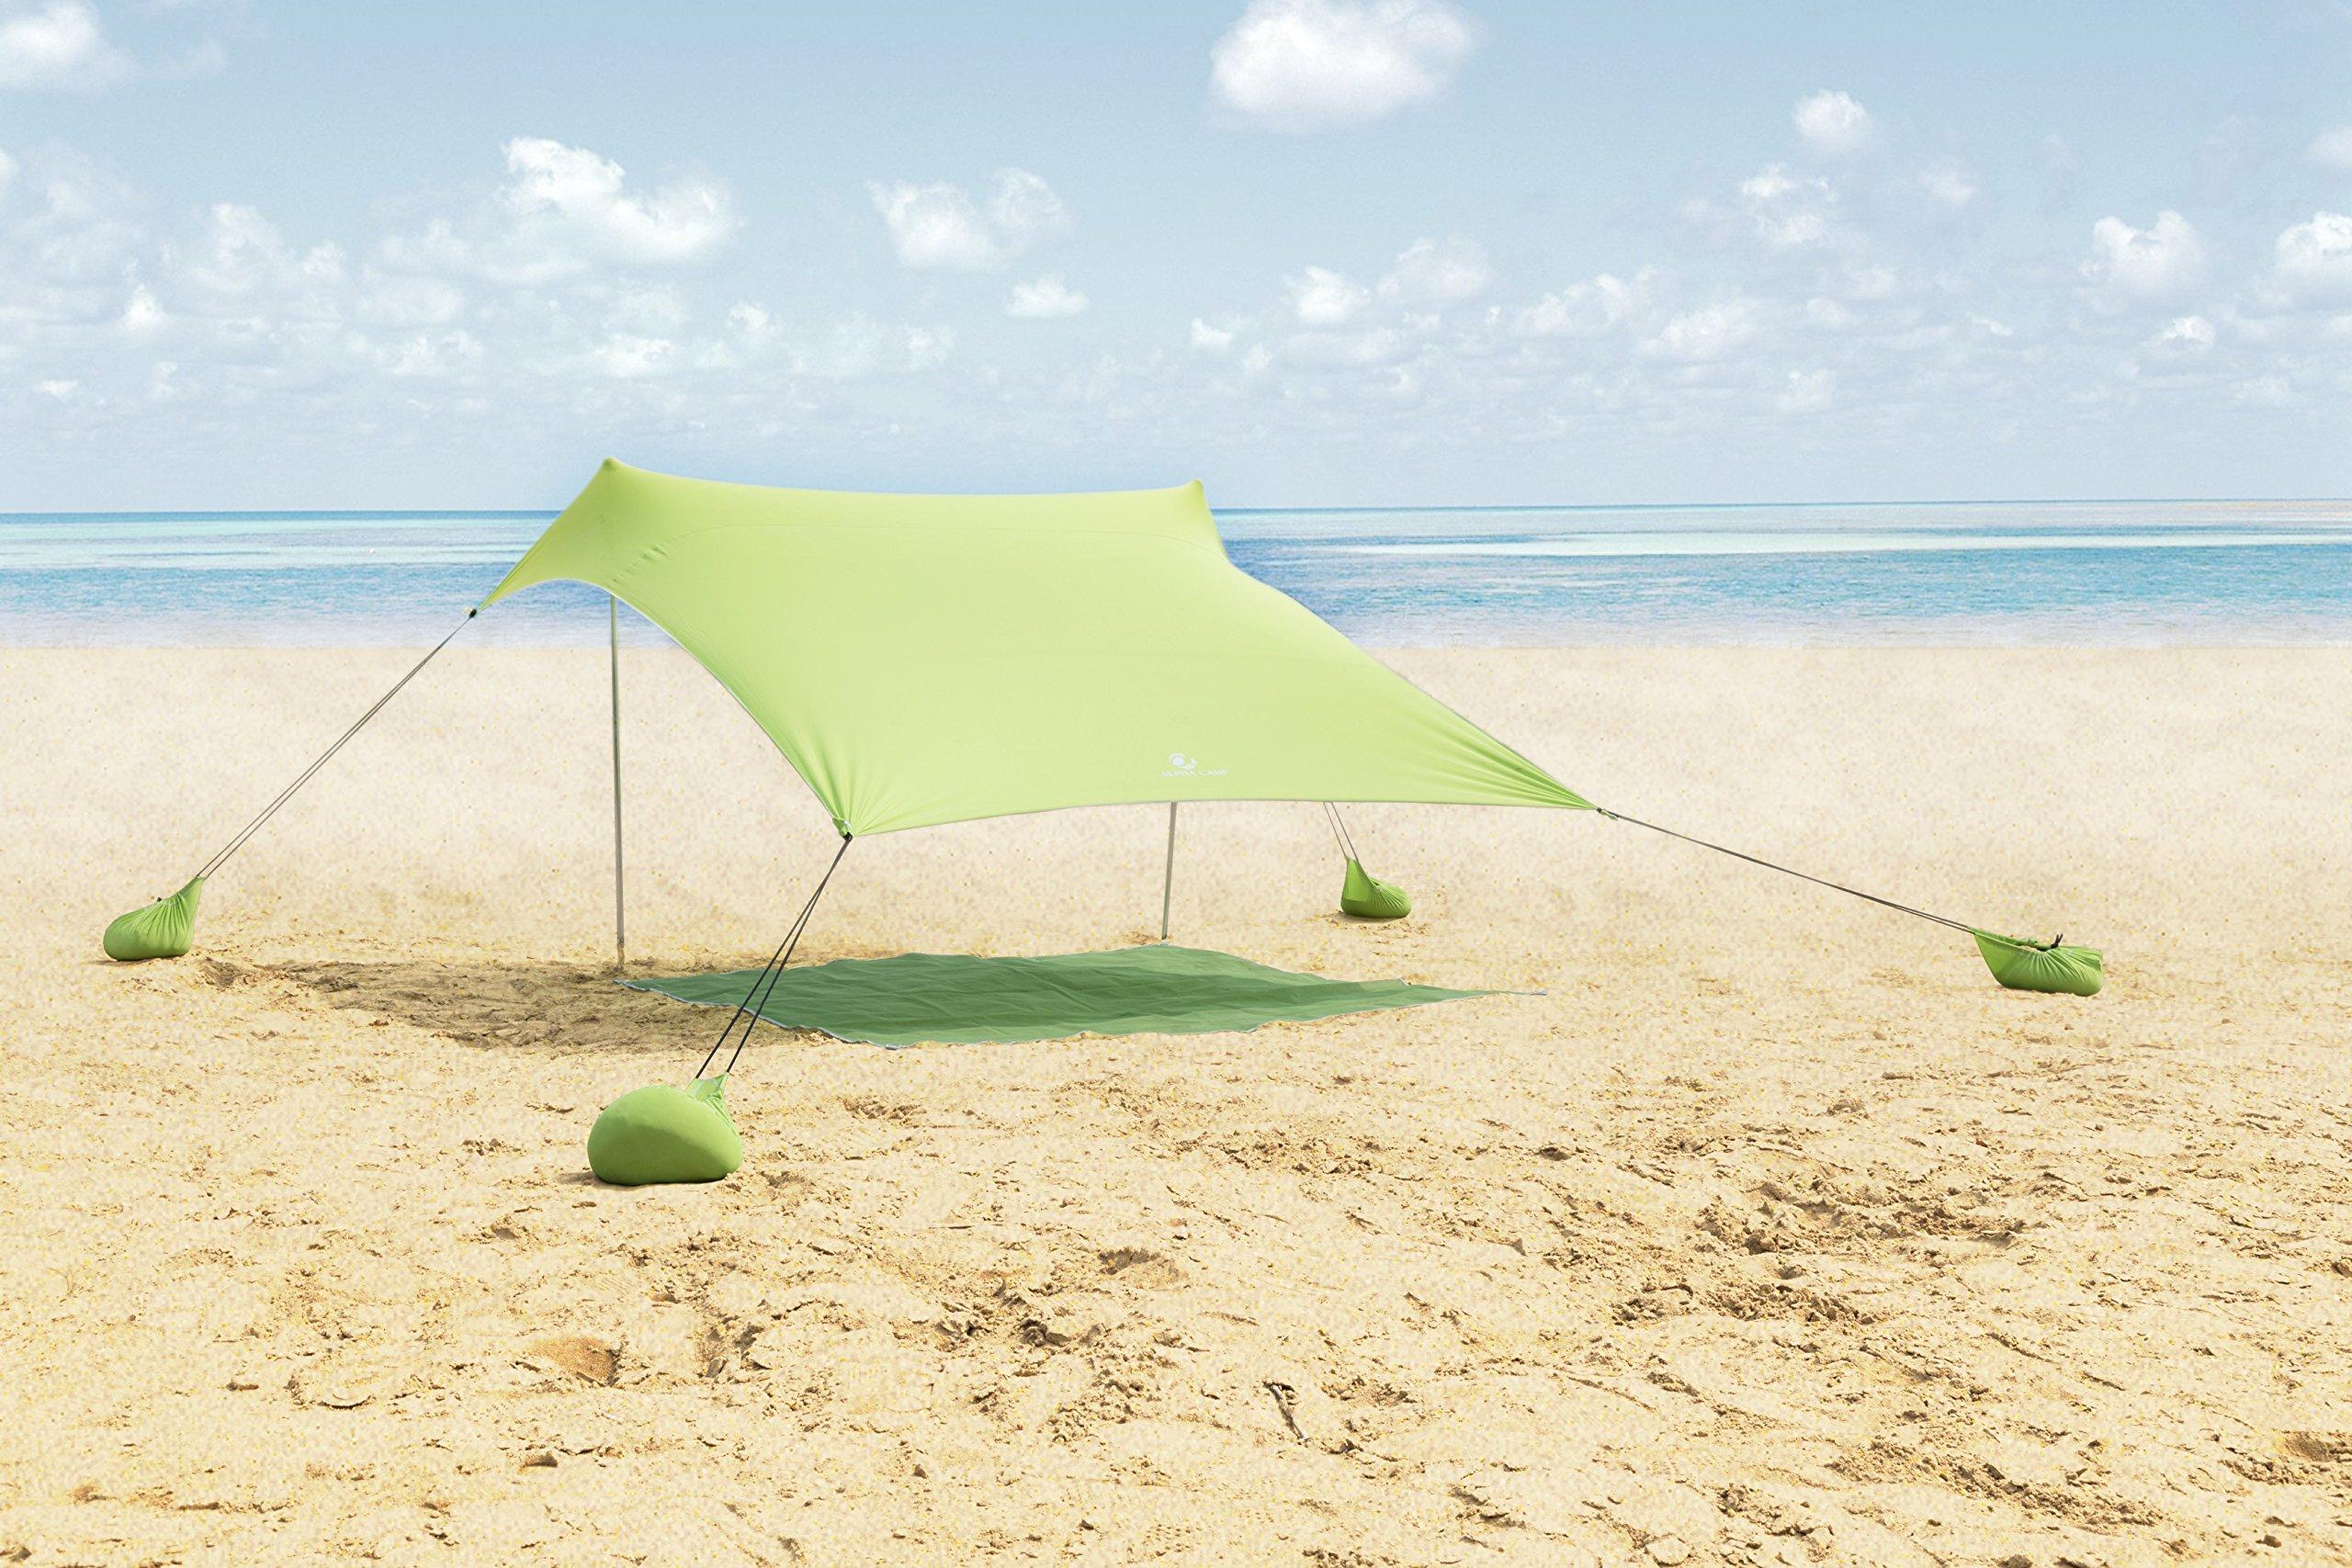 ALPHA CAMP Beach Shade Portable Canopy Sun Shelter with Sandbag Anchors - 7.6' x 7.2' Green by ALPHA CAMP